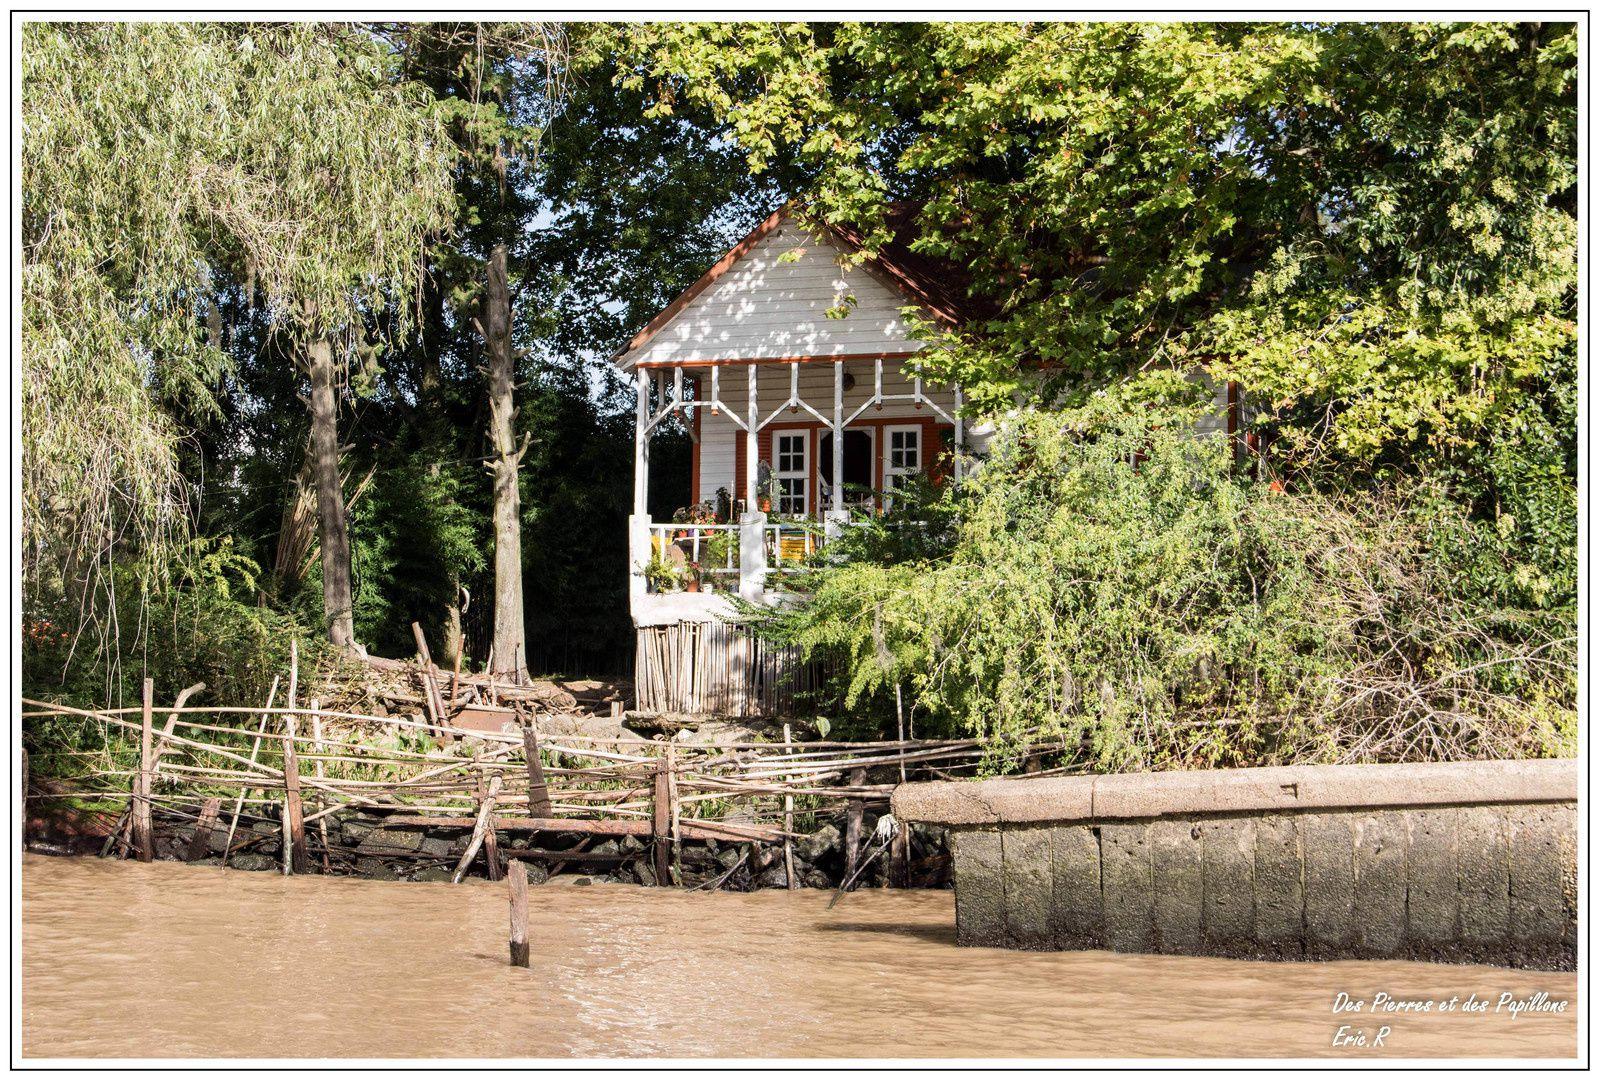 Les rivages du delta.